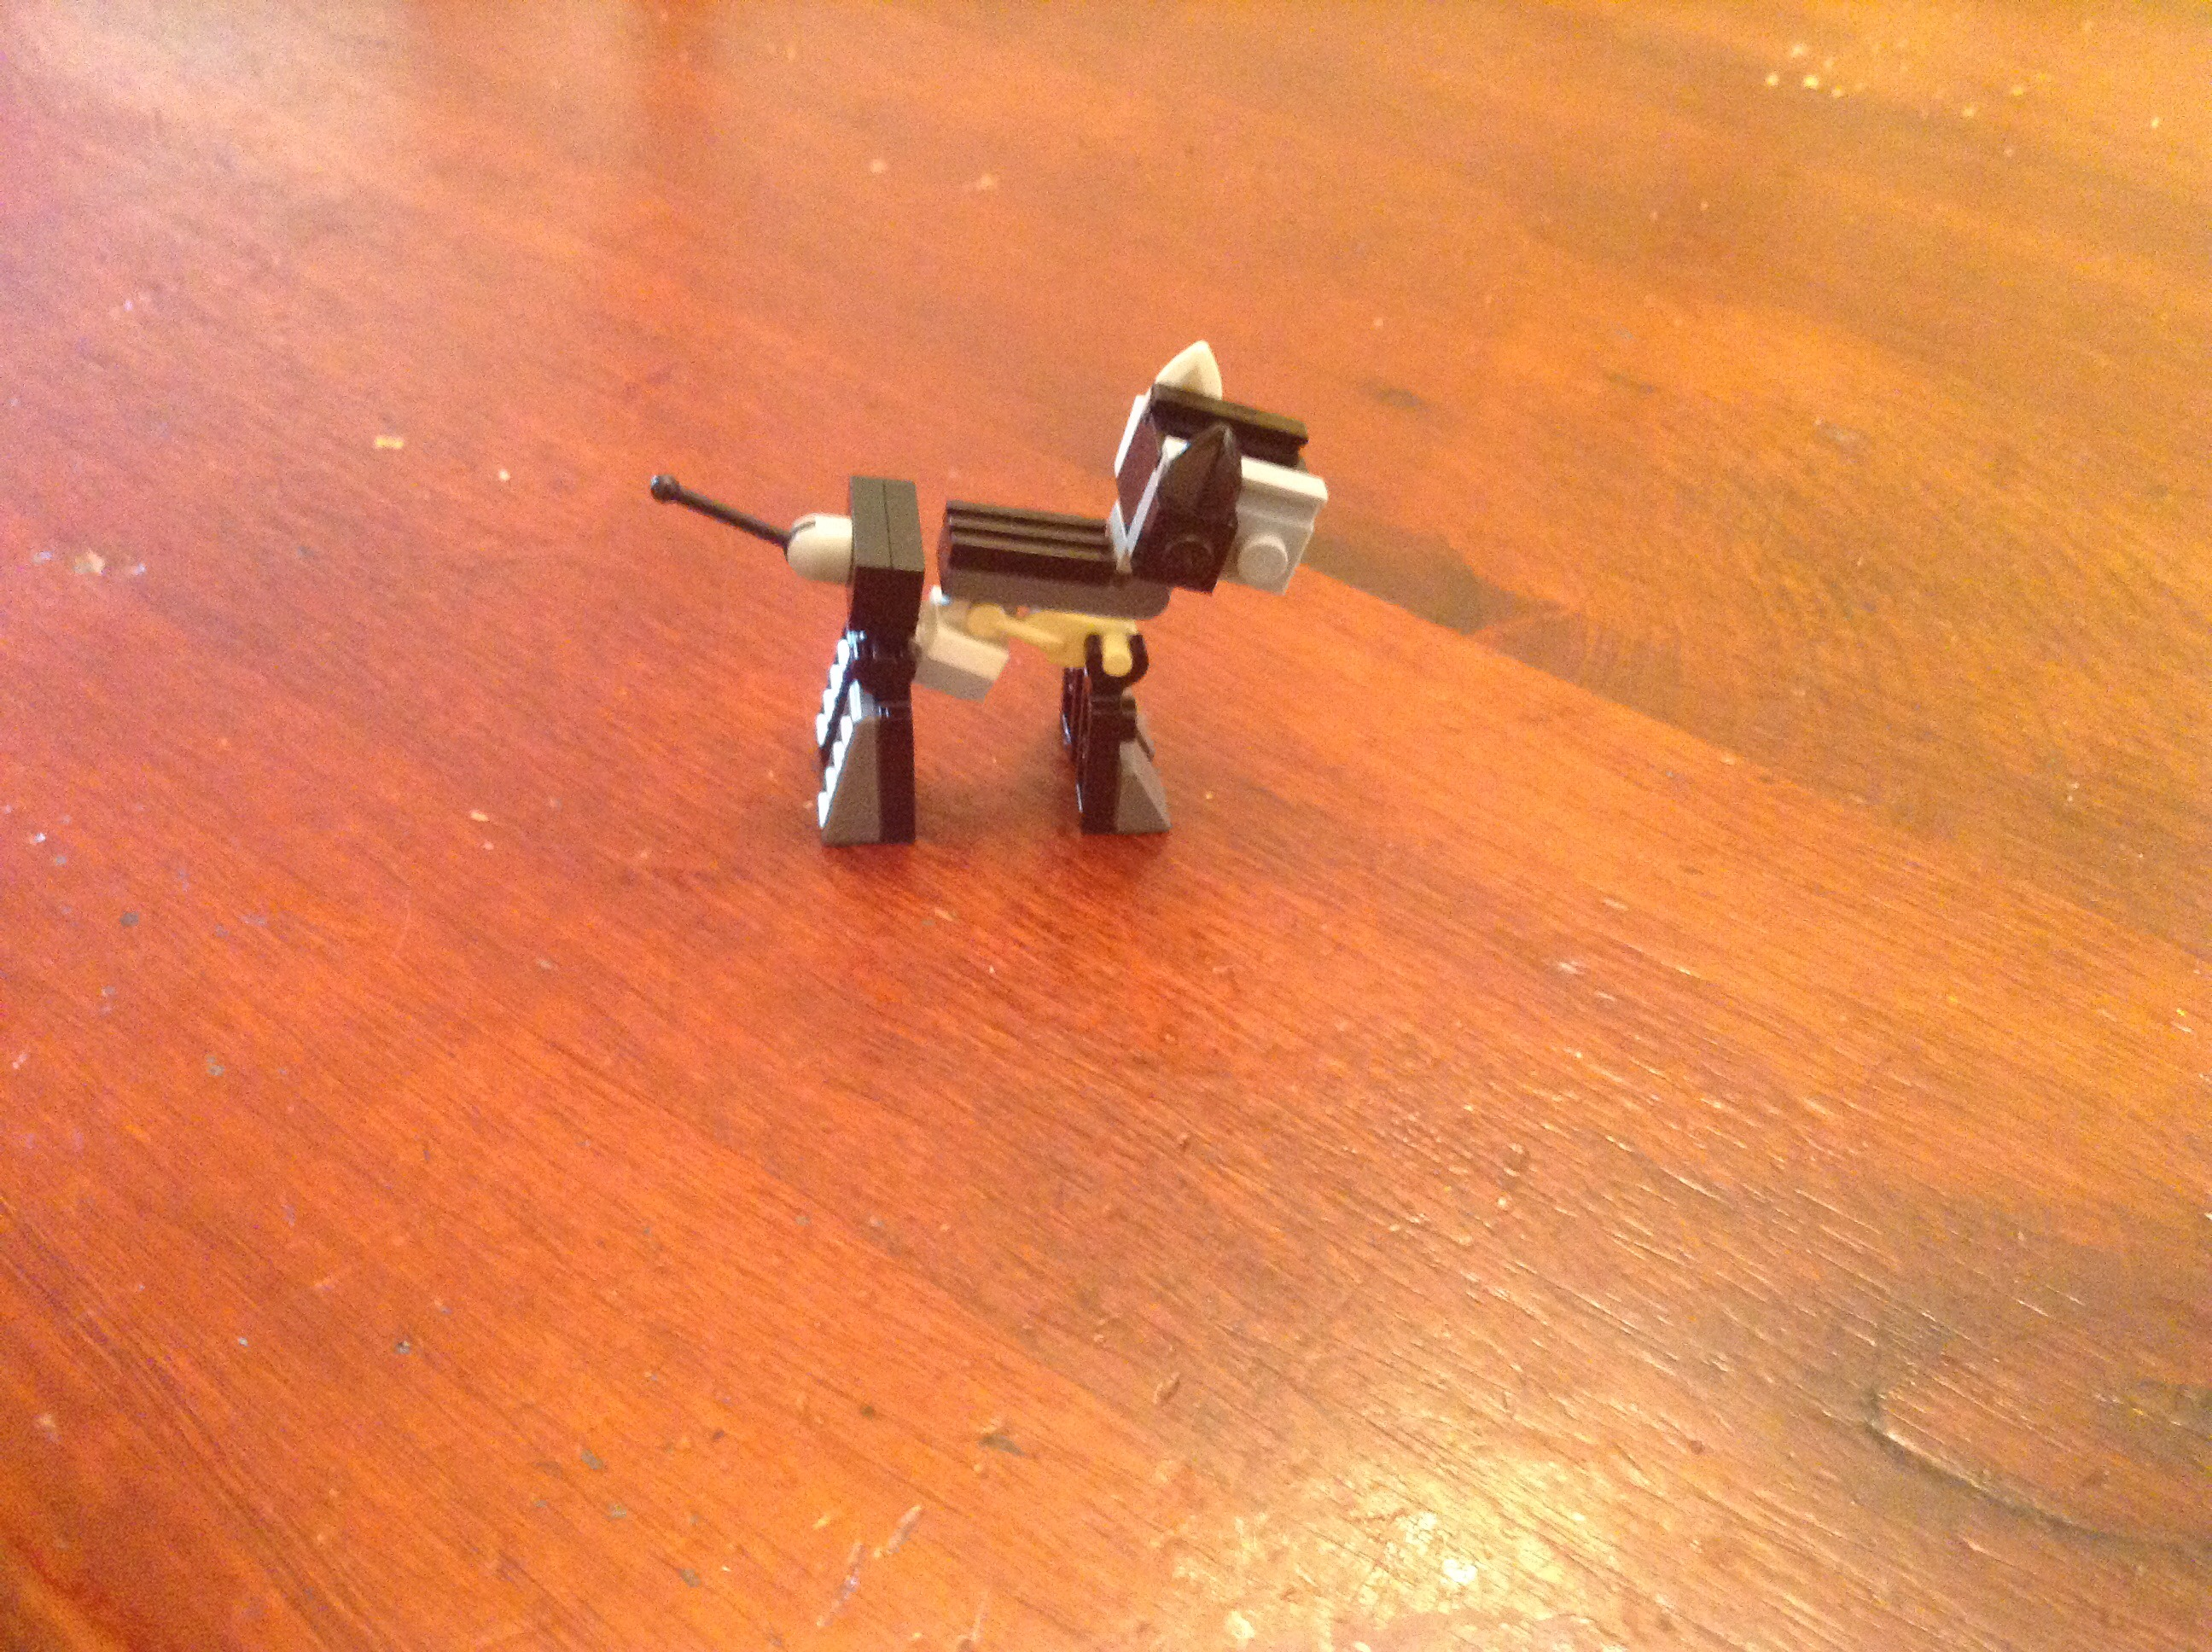 How To Make A LEGO Enhanced,more Detailed Dog